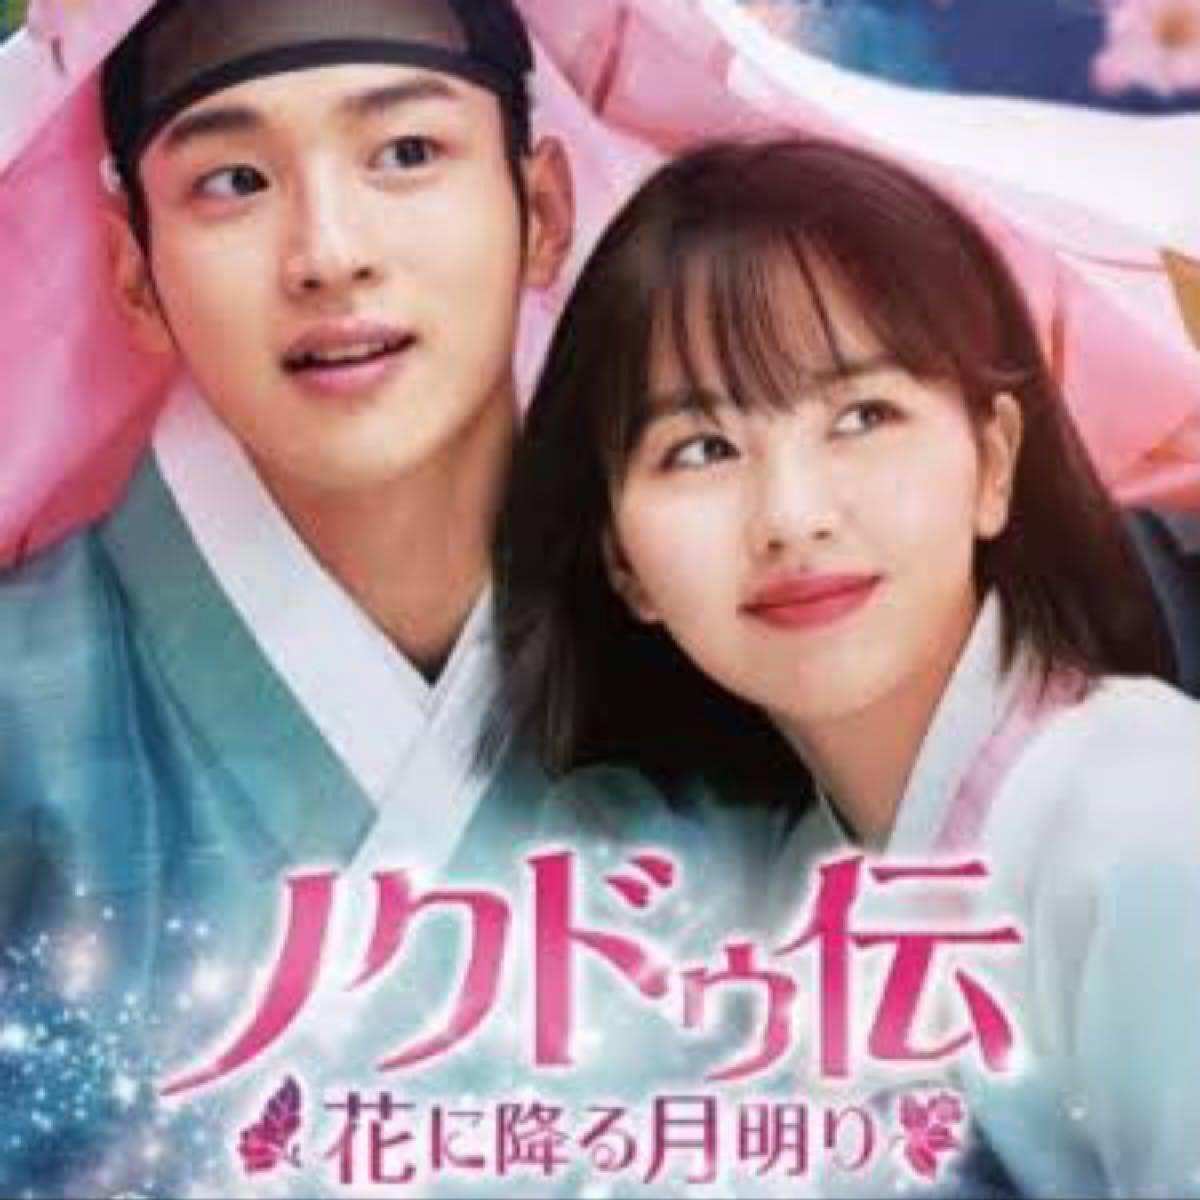 韓国ドラマ ノグドゥ伝 DVD『レーベル印刷有り』